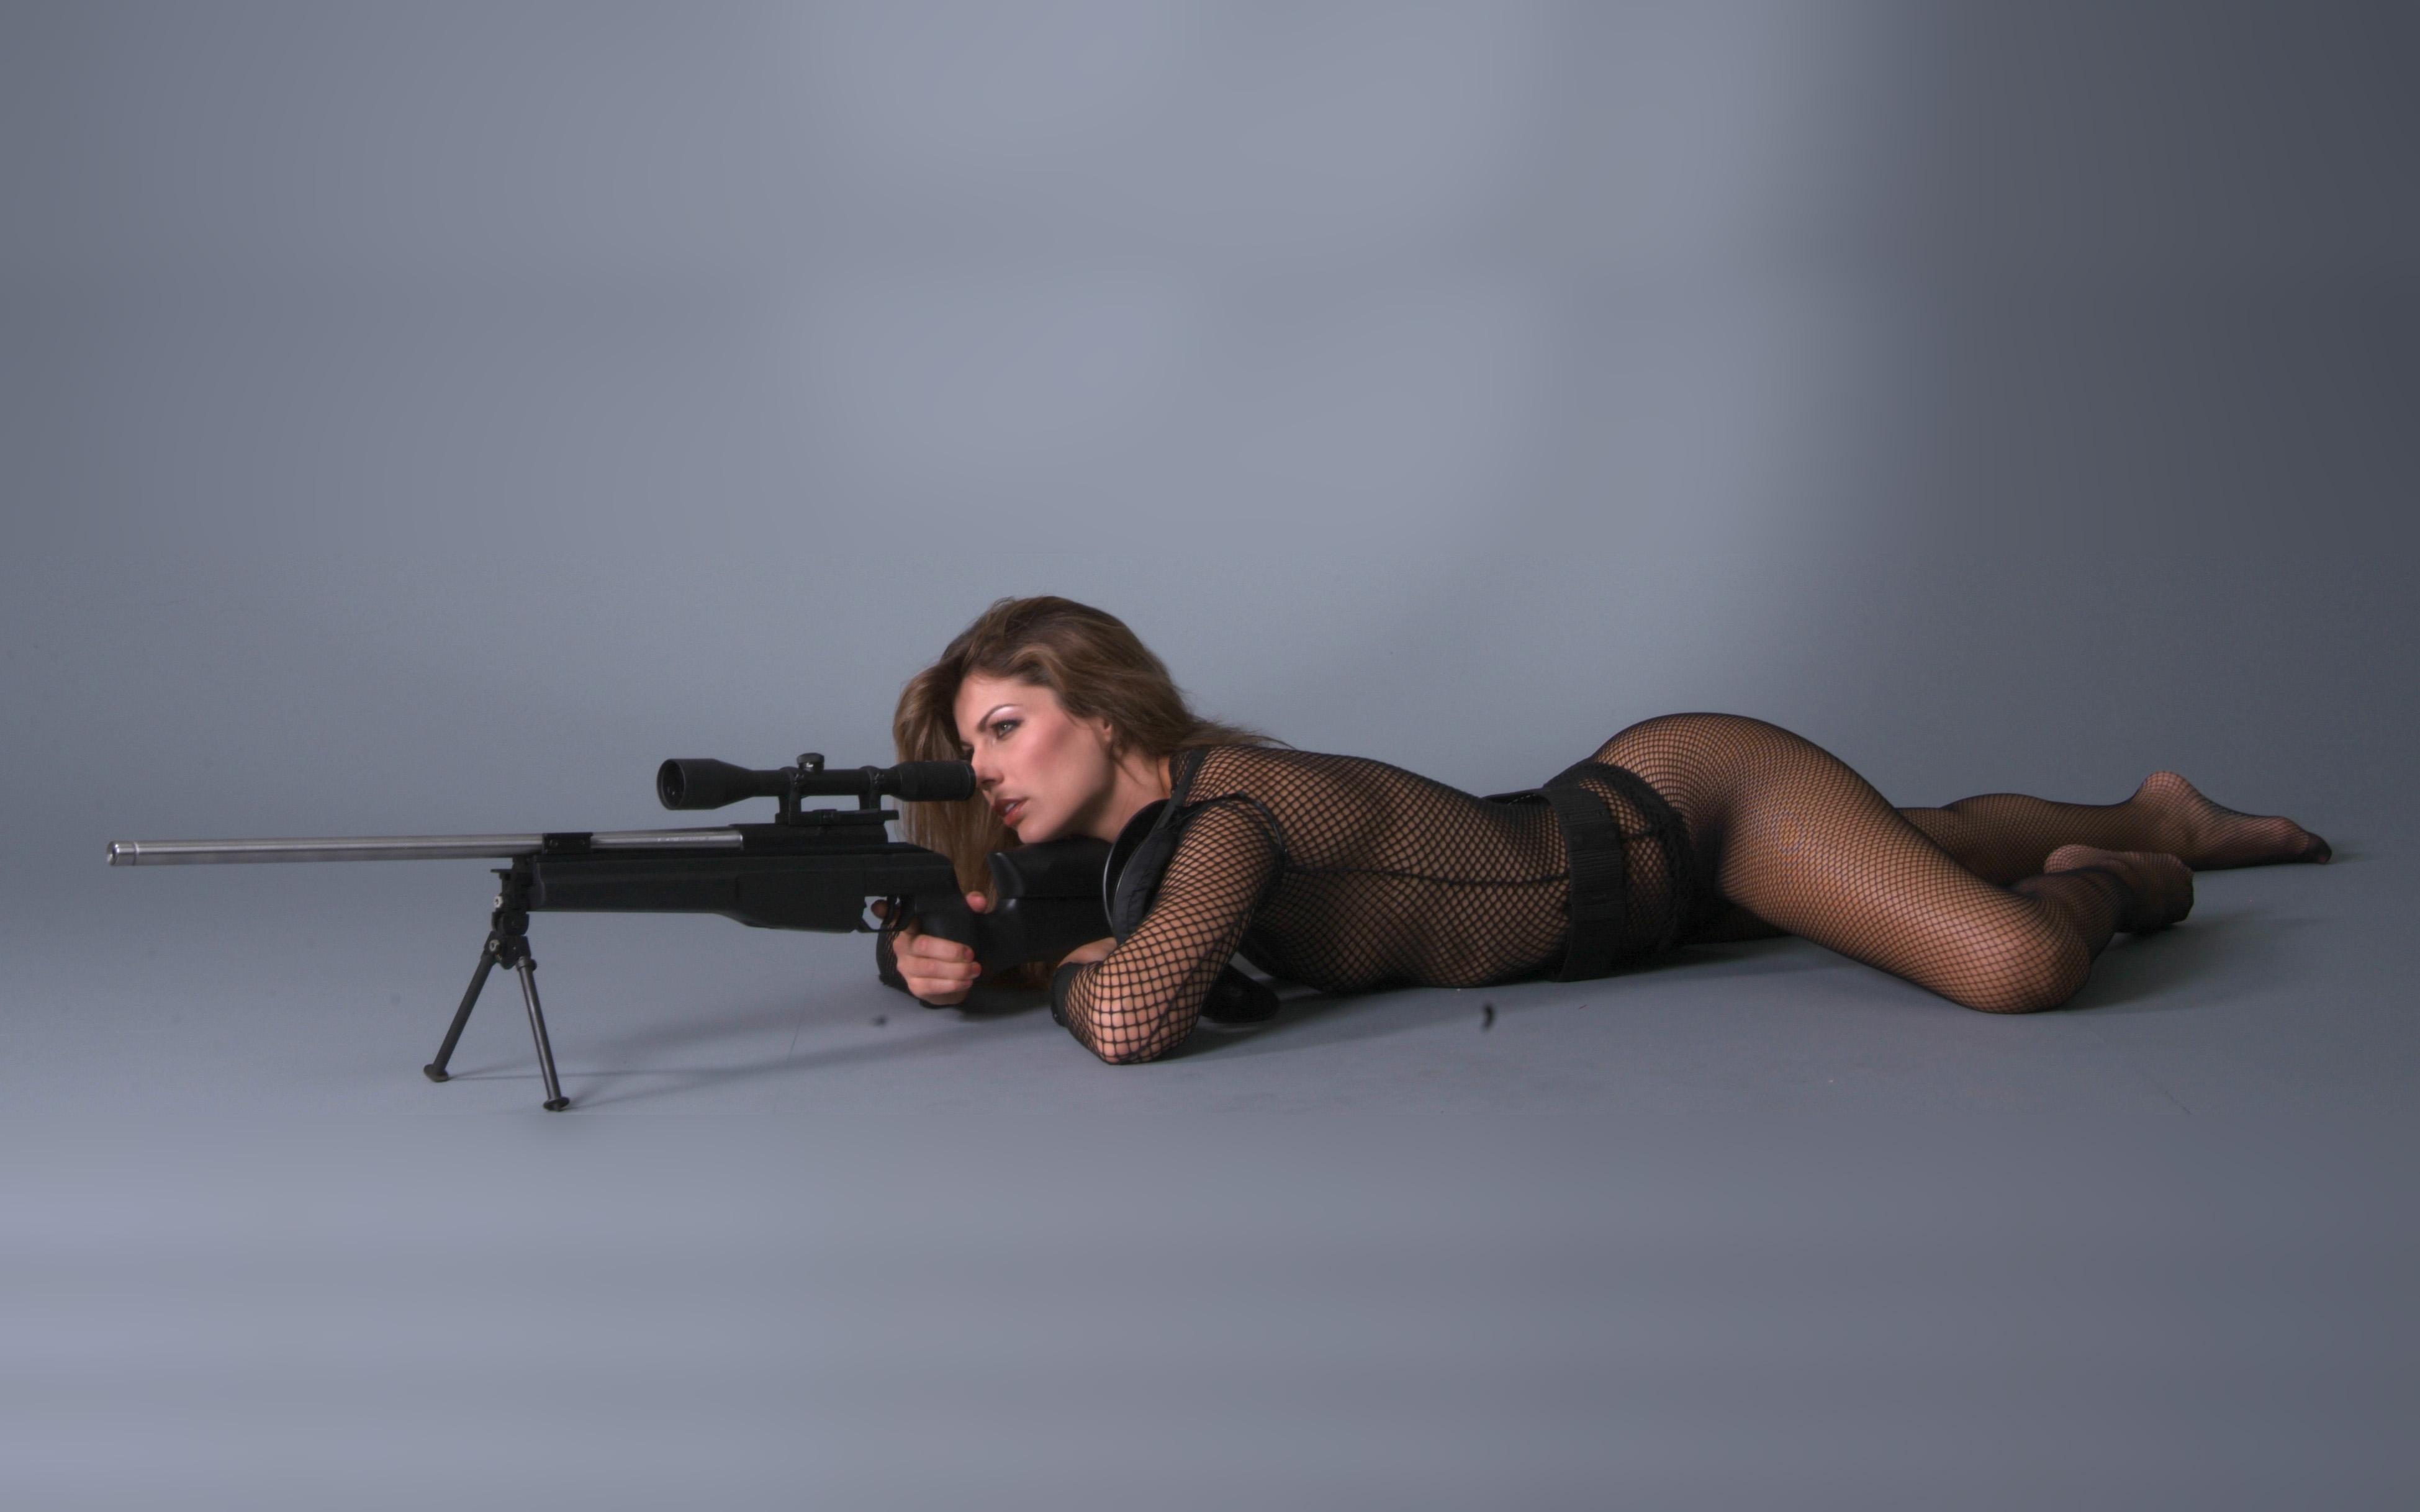 девушка со снайперской винтовкой, скачать фото, обои на рабочий стол, girl sniper wallpaper